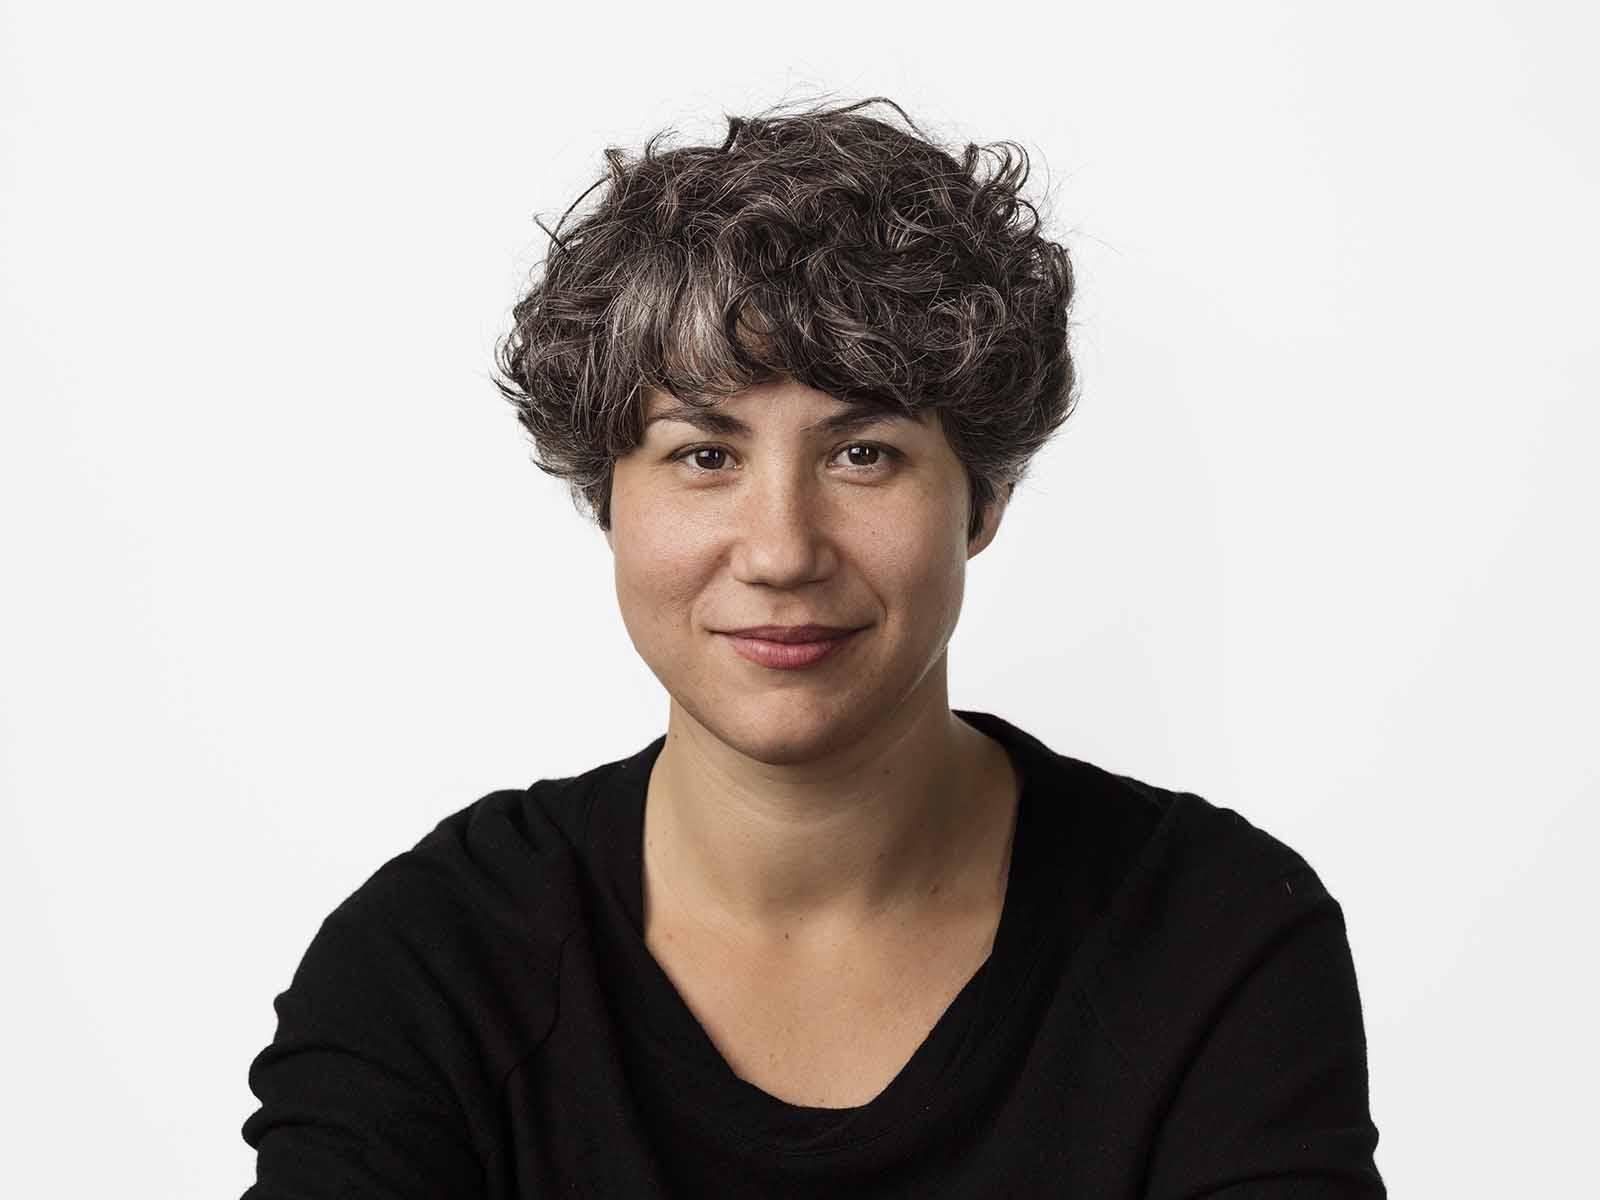 Laura Huonker